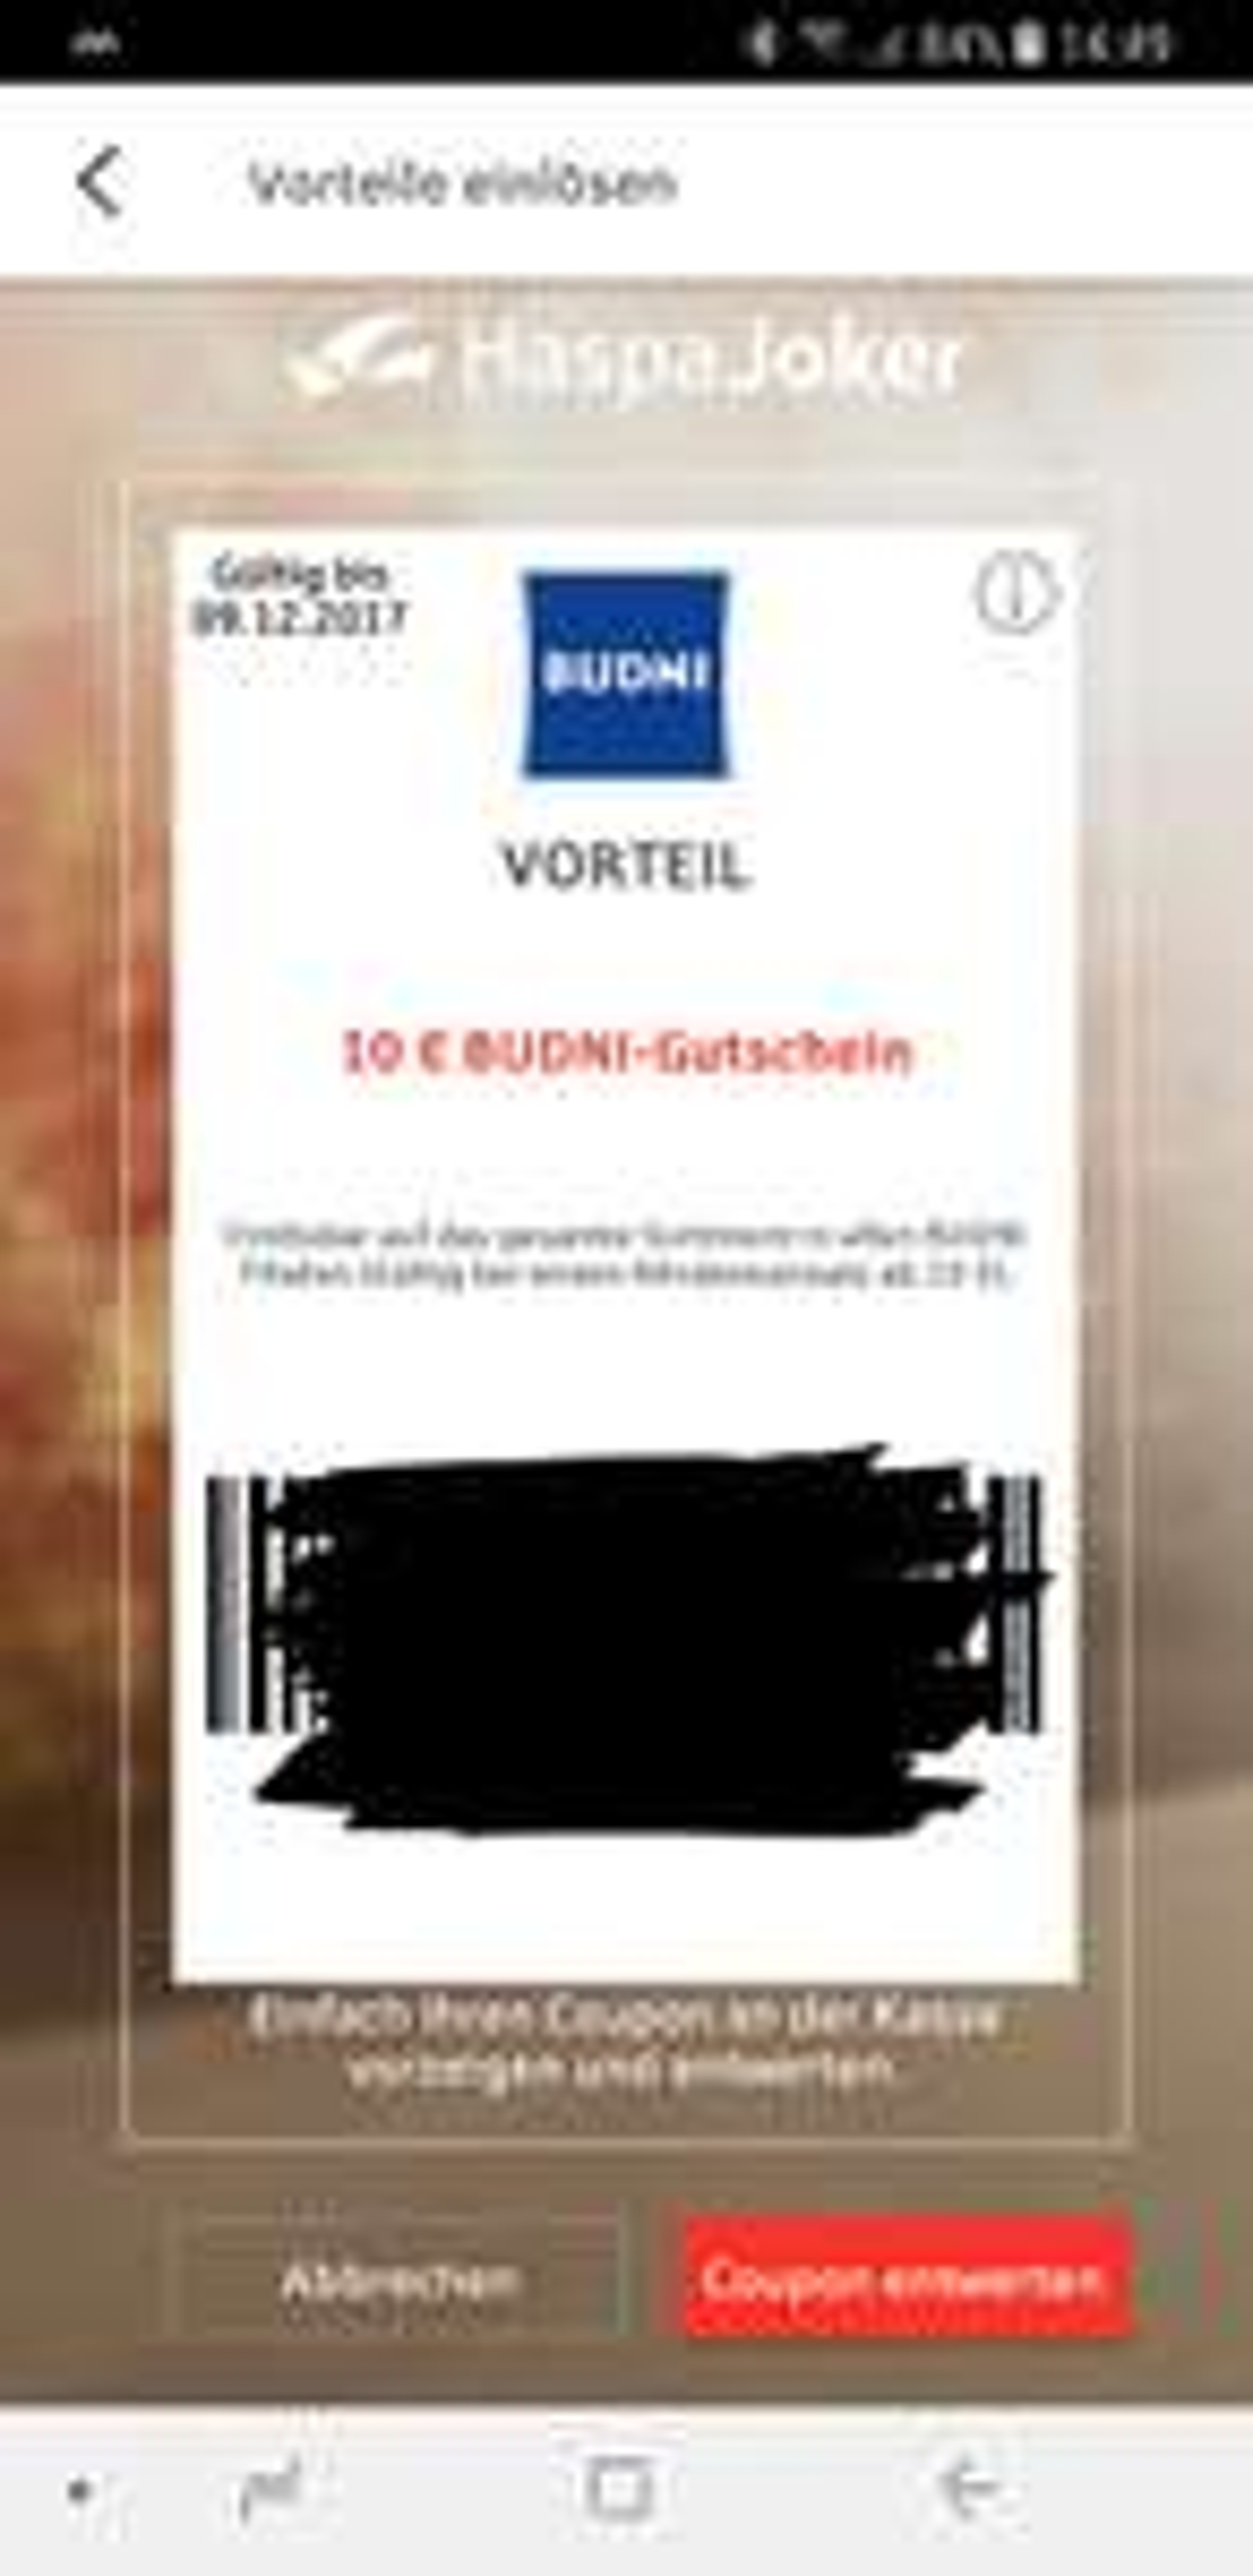 [Lokal?]HaspaJoker 10€ Budni Gutschein